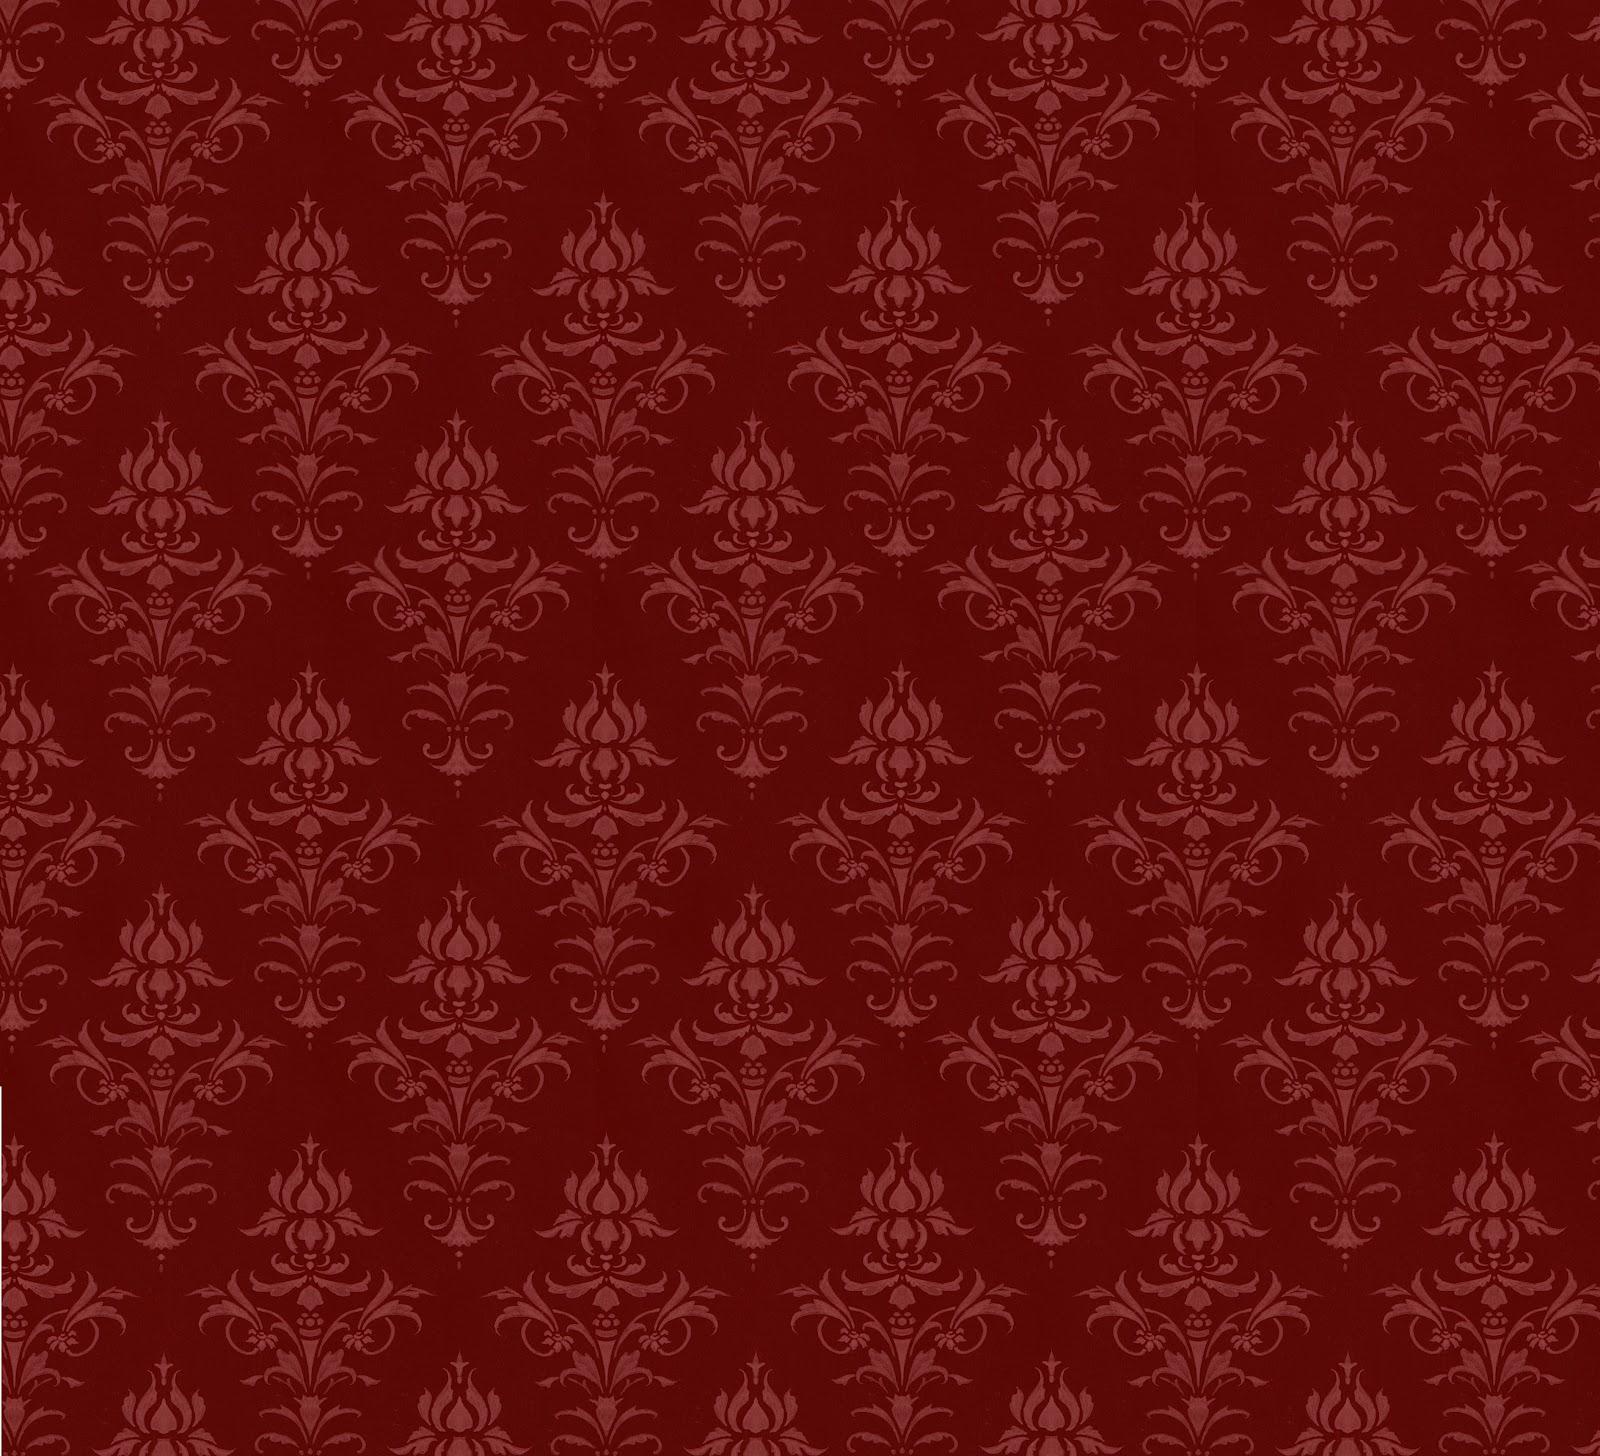 http://2.bp.blogspot.com/-sxpcGCvAbuE/T8kCVGVhShI/AAAAAAAAAyo/KT89hoLF3tk/s1600/red+wallpaper+pattern+10.jpg